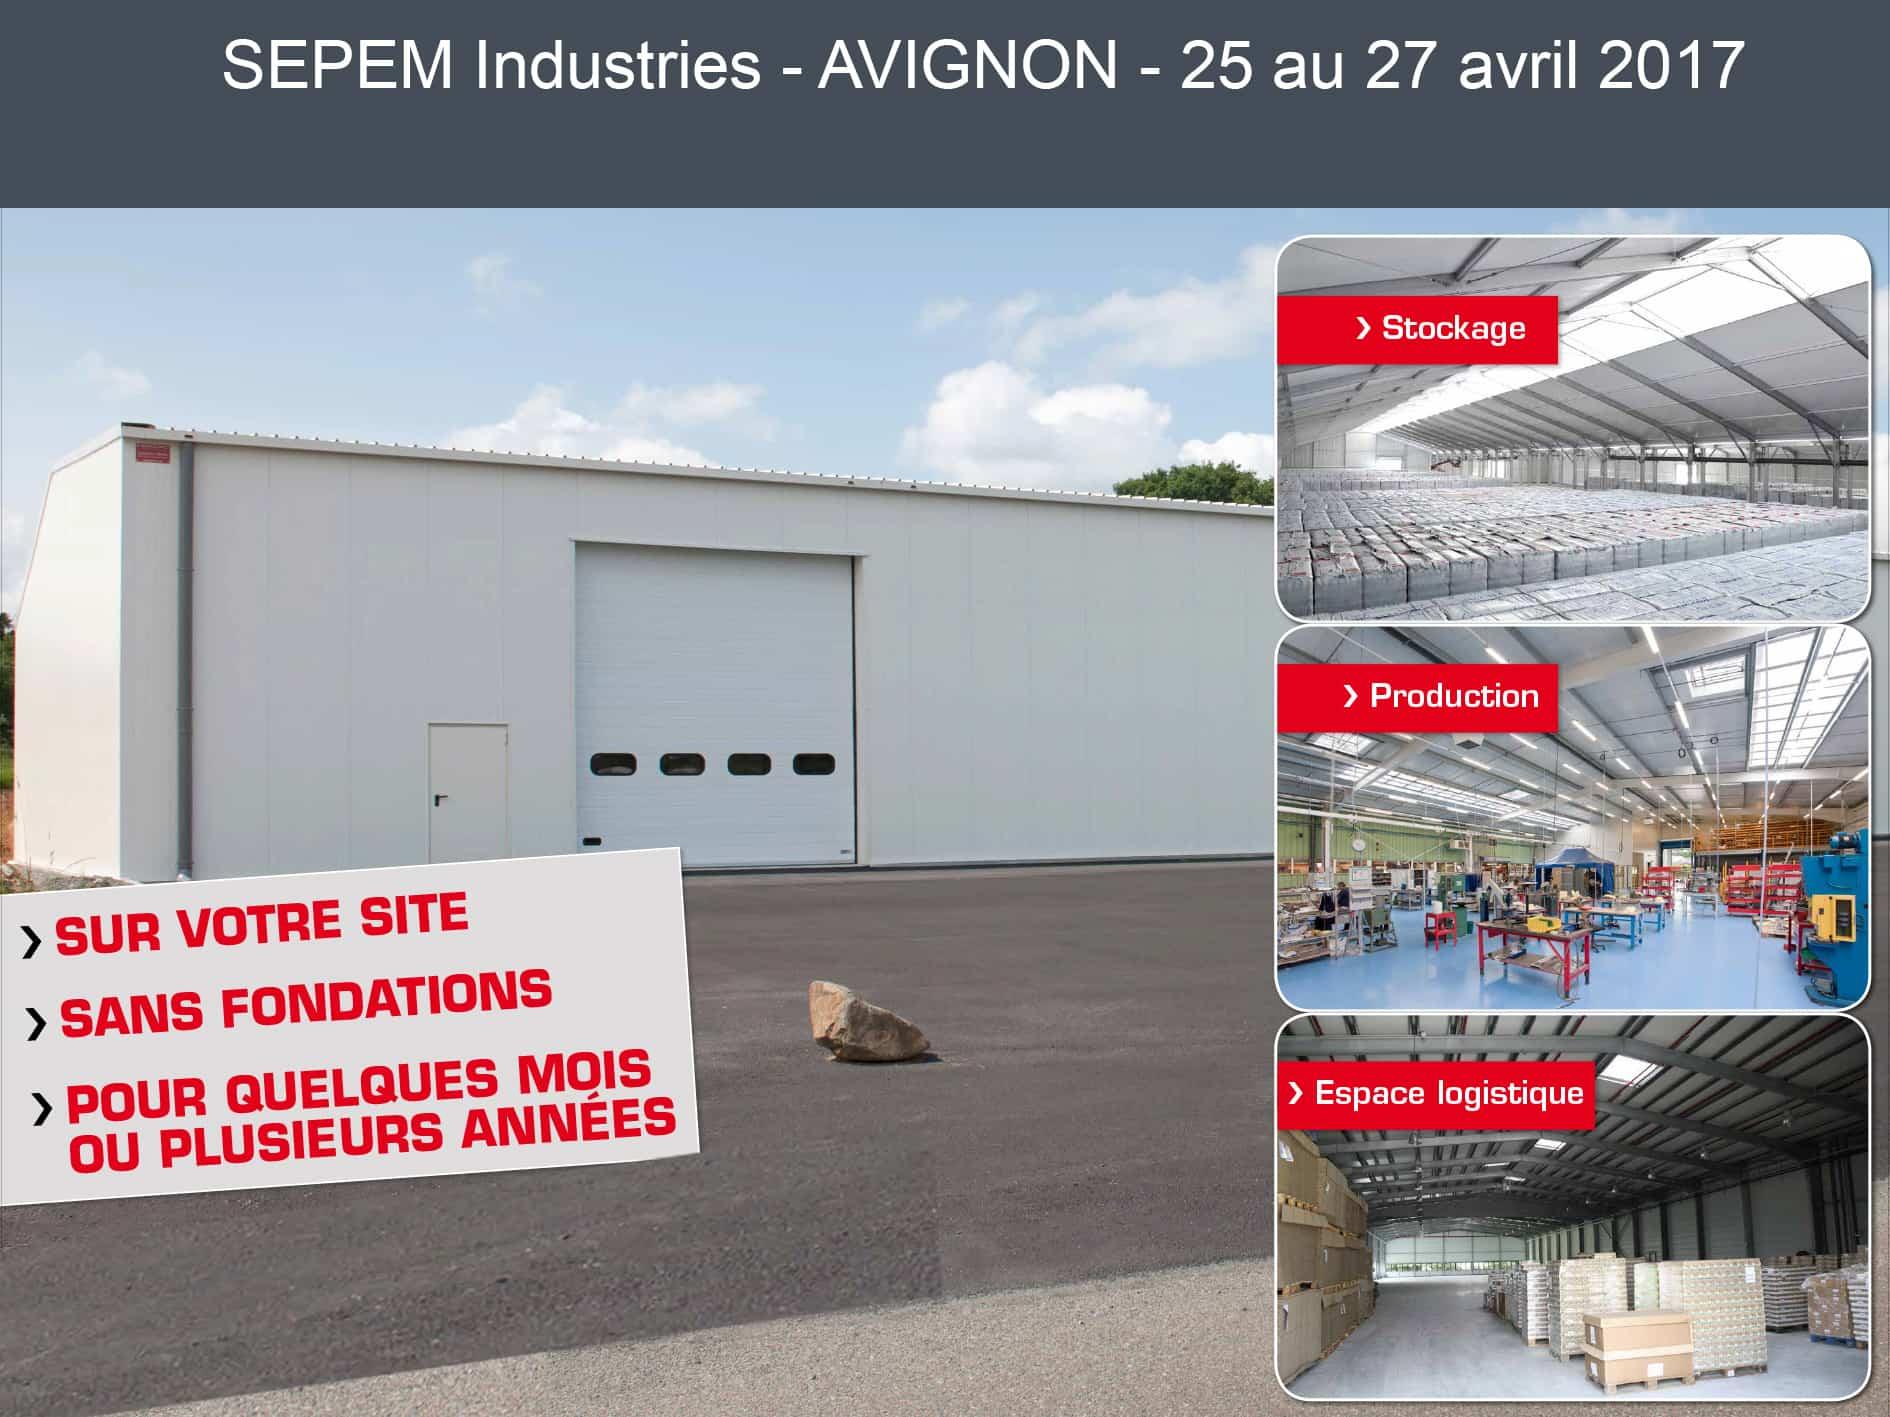 Sepem Avignon 2017